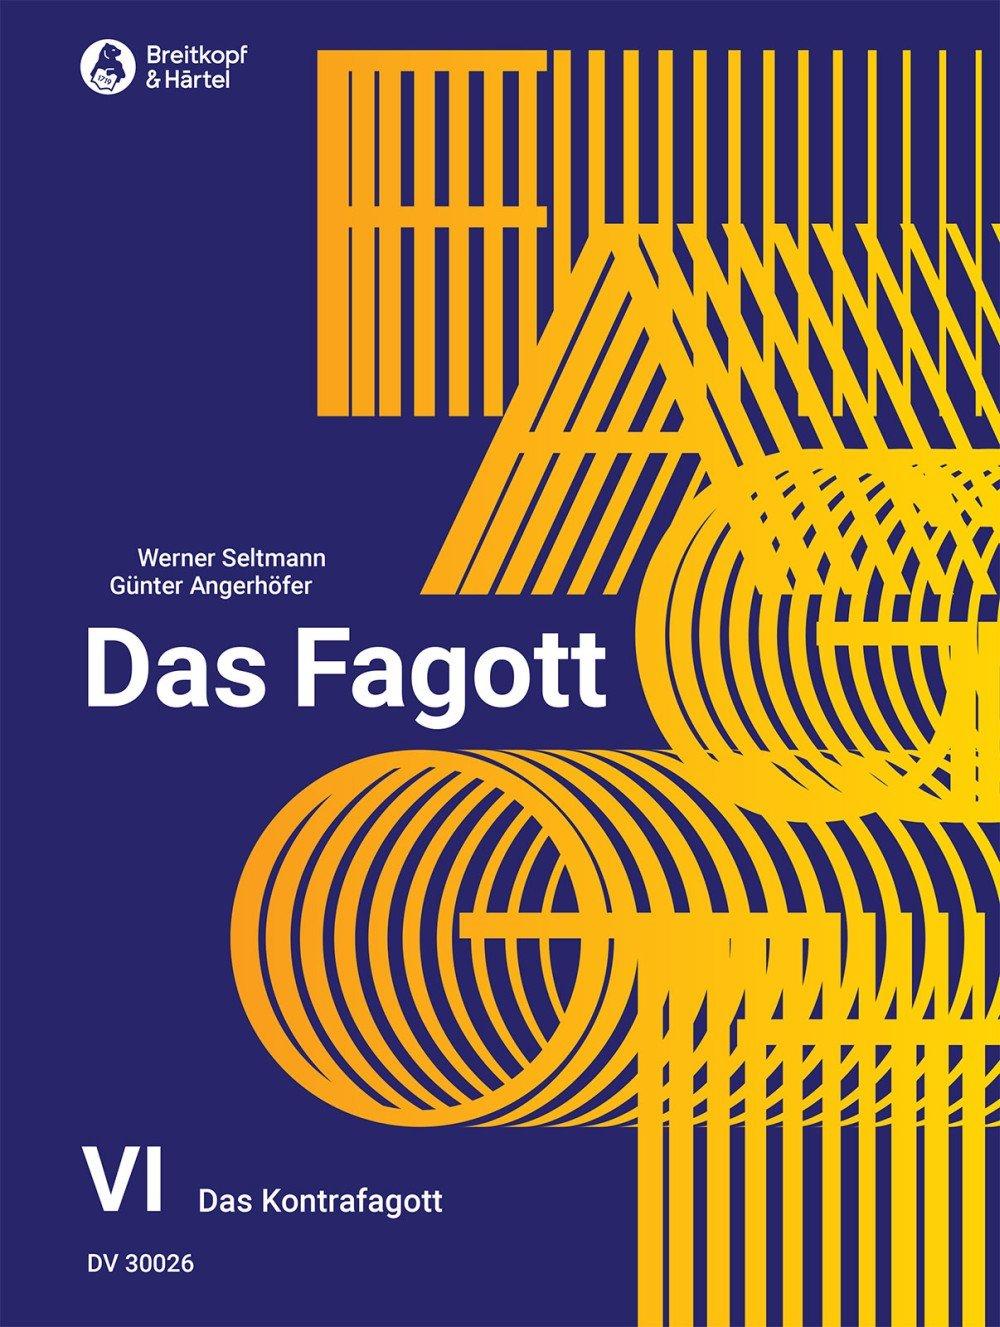 Das Fagott   Schulwerk In 6 Bänden. Band 6  Das Kontrafagott  DV 30026